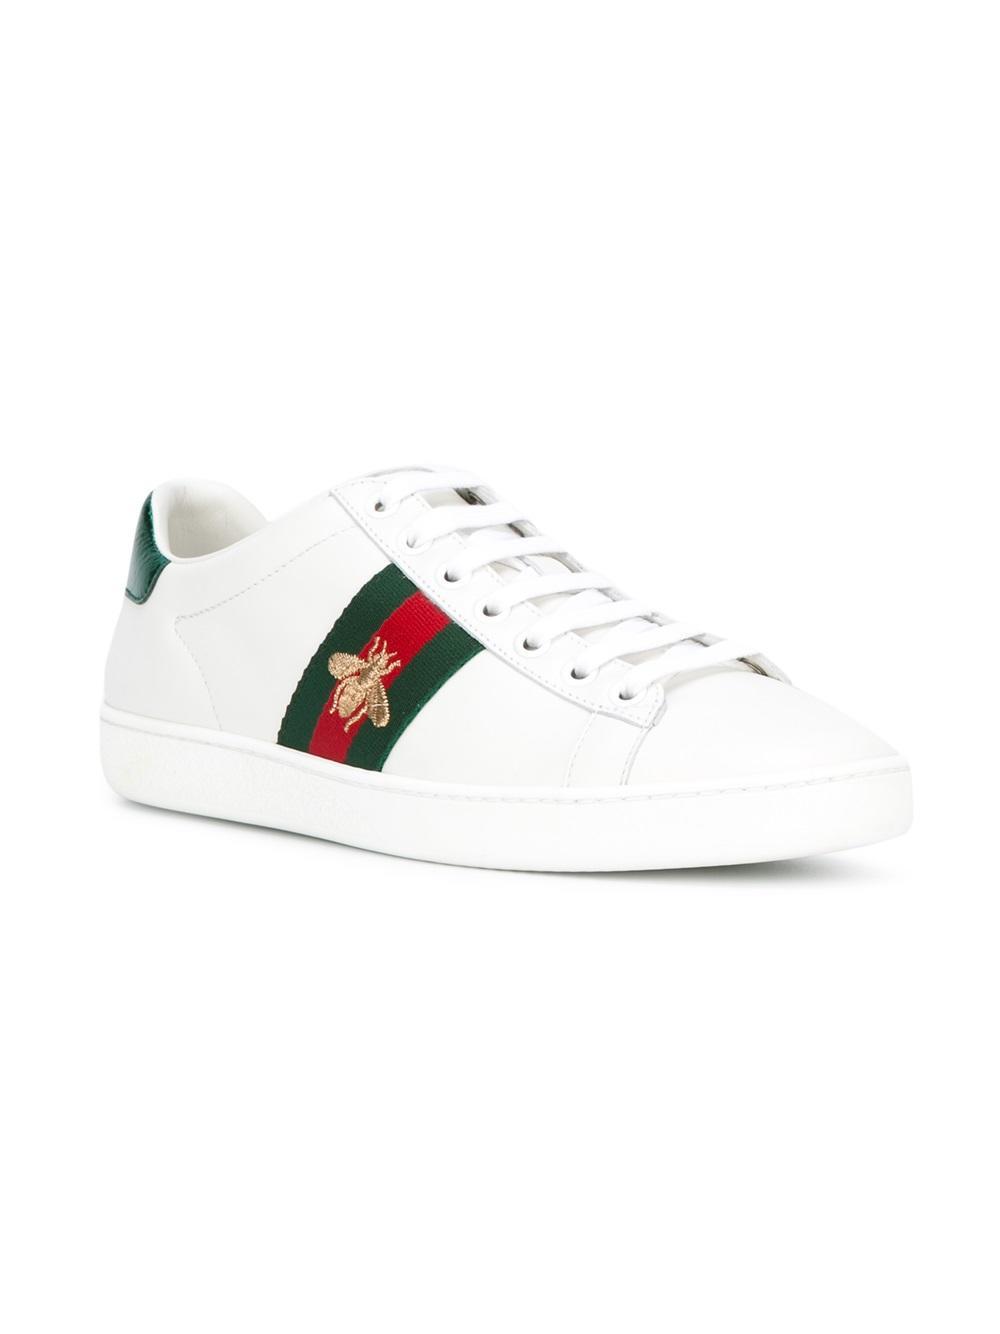 Nike Factory Store - Vente Chaussures Femme - basket gucci pas cher femme  France pas cher. Les meilleures ventes de chaussures Nike 2019. cef43f70bc0